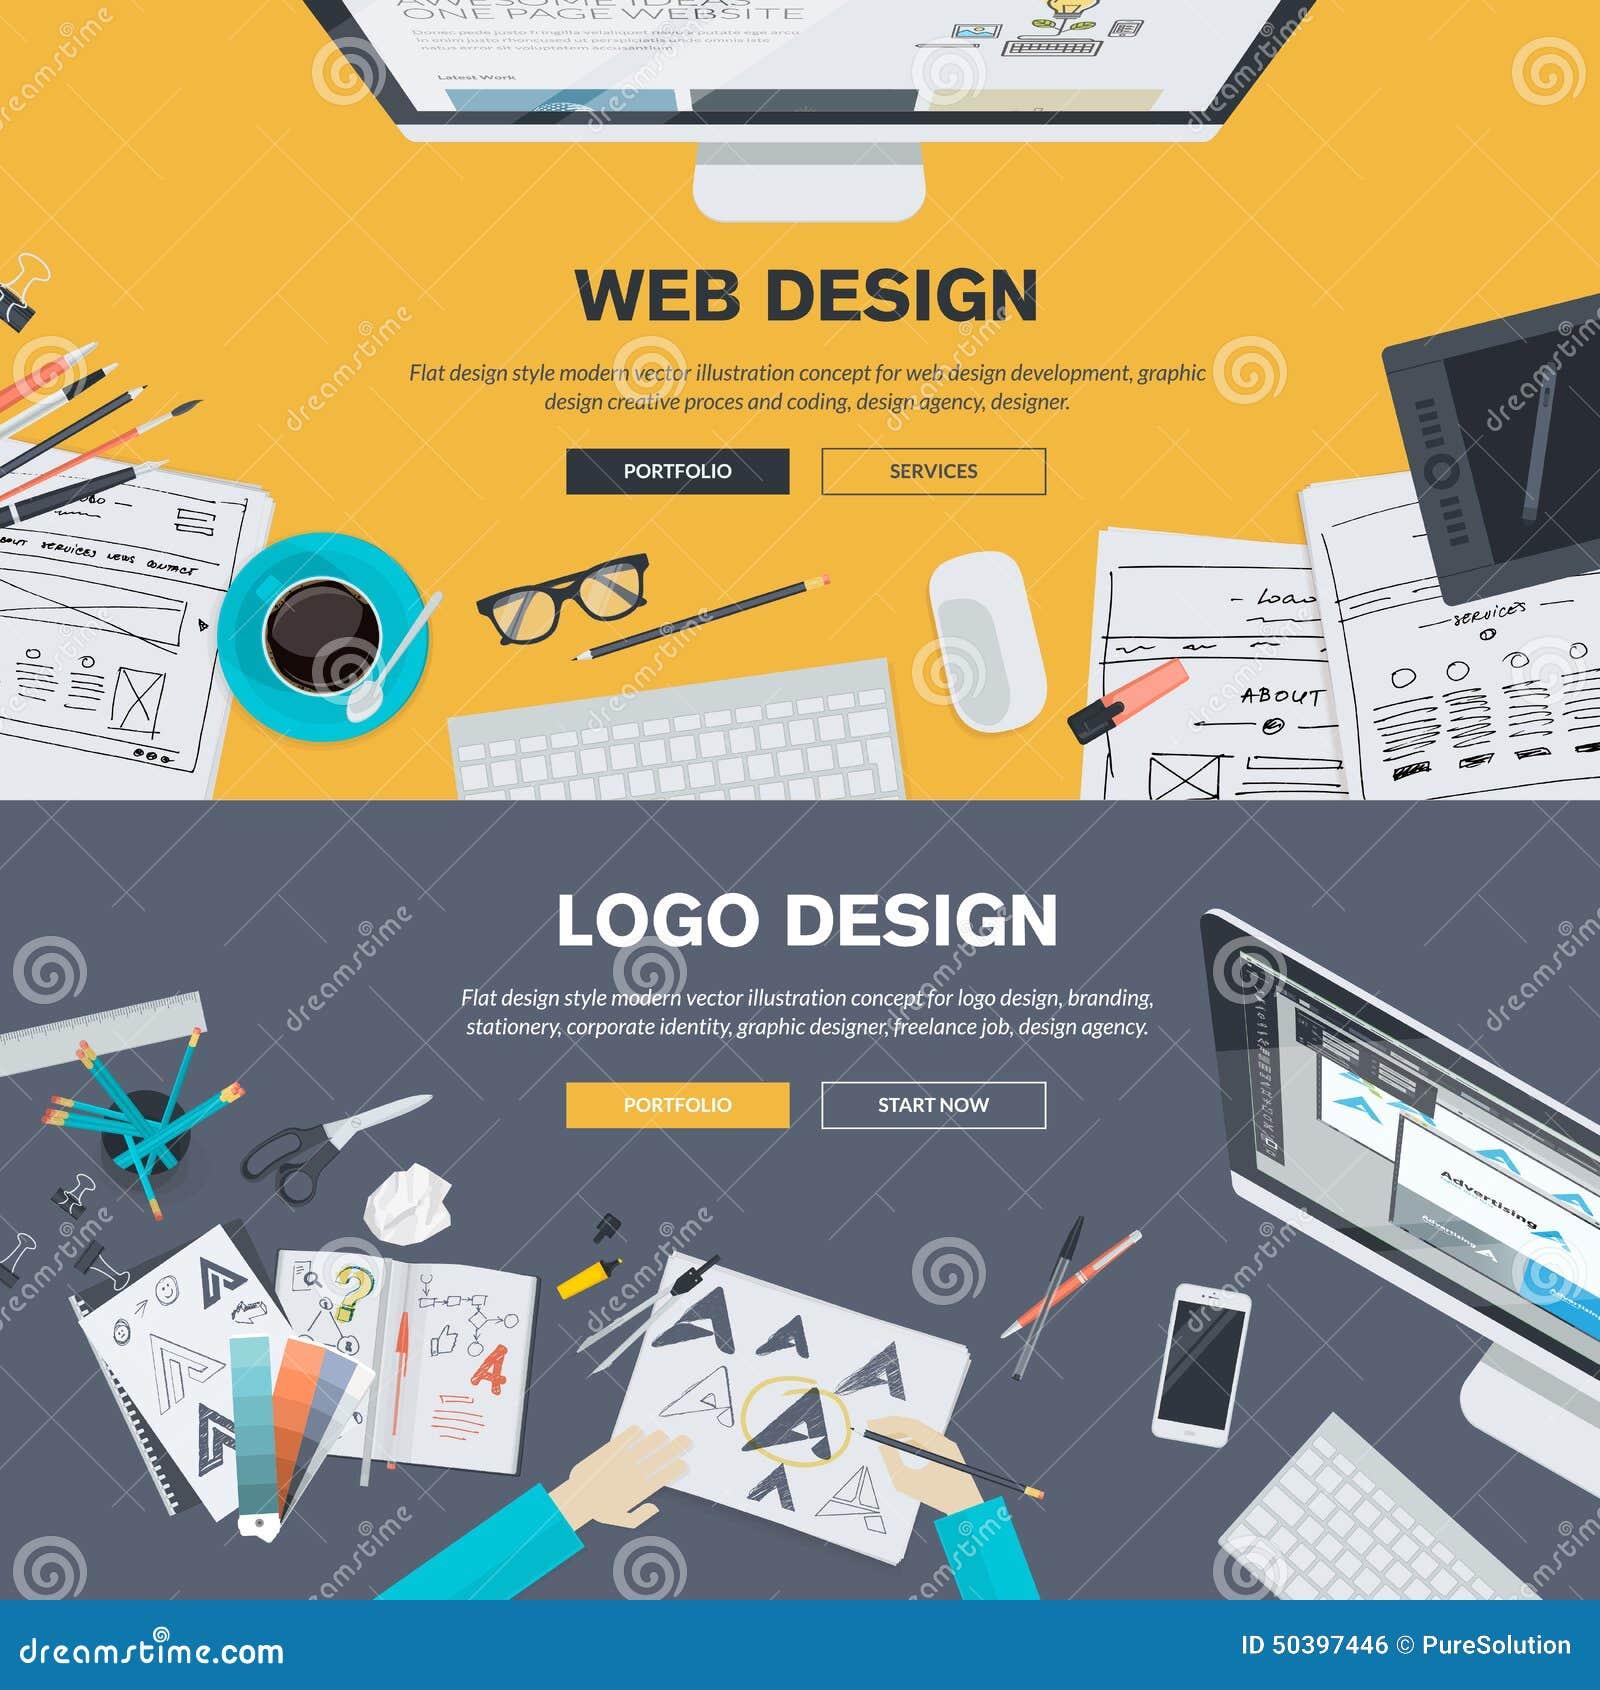 Плоские концепции иллюстрации дизайна для развития веб-дизайна, дизайна логотипа